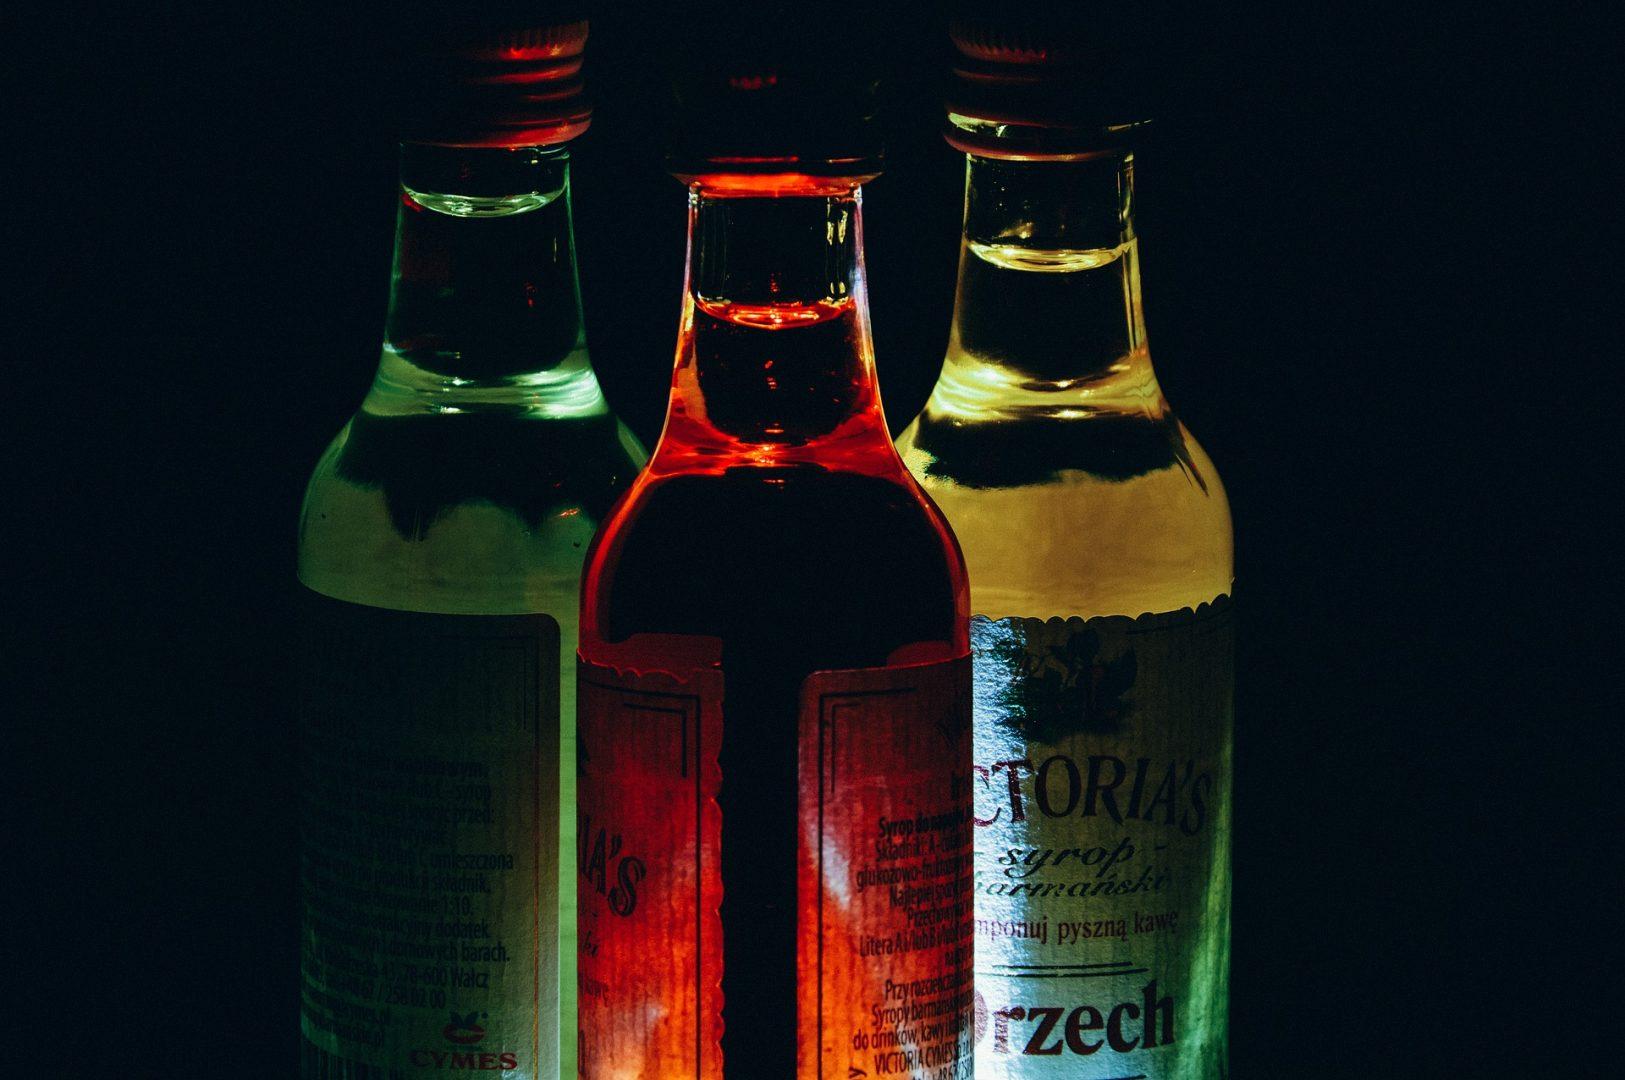 Beleuchtete Flaschen auf dunklem Hintergrund